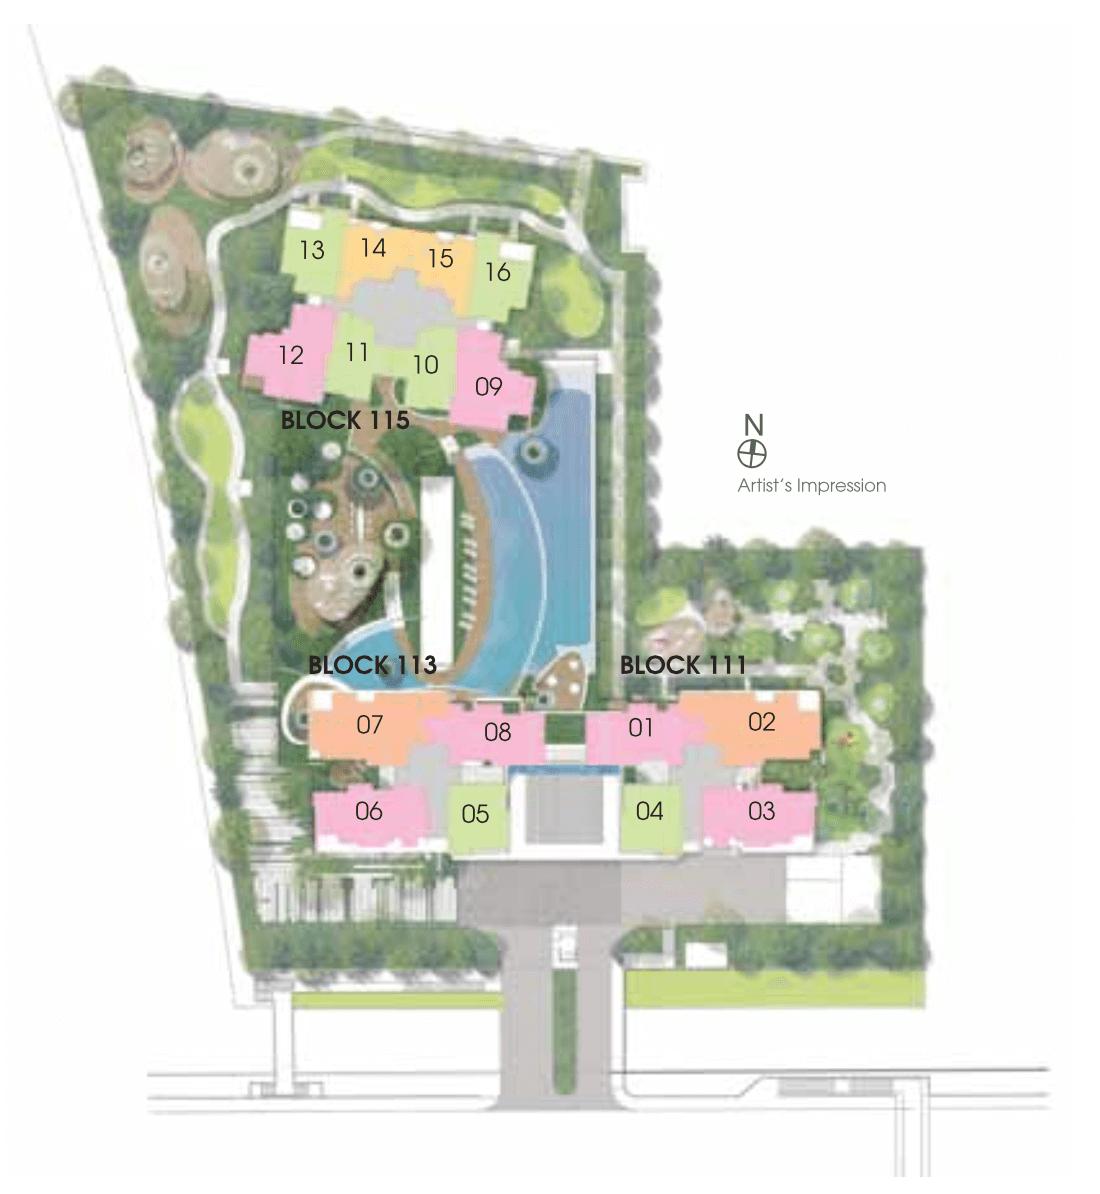 New Condo Launch - Trilive - Site Plan